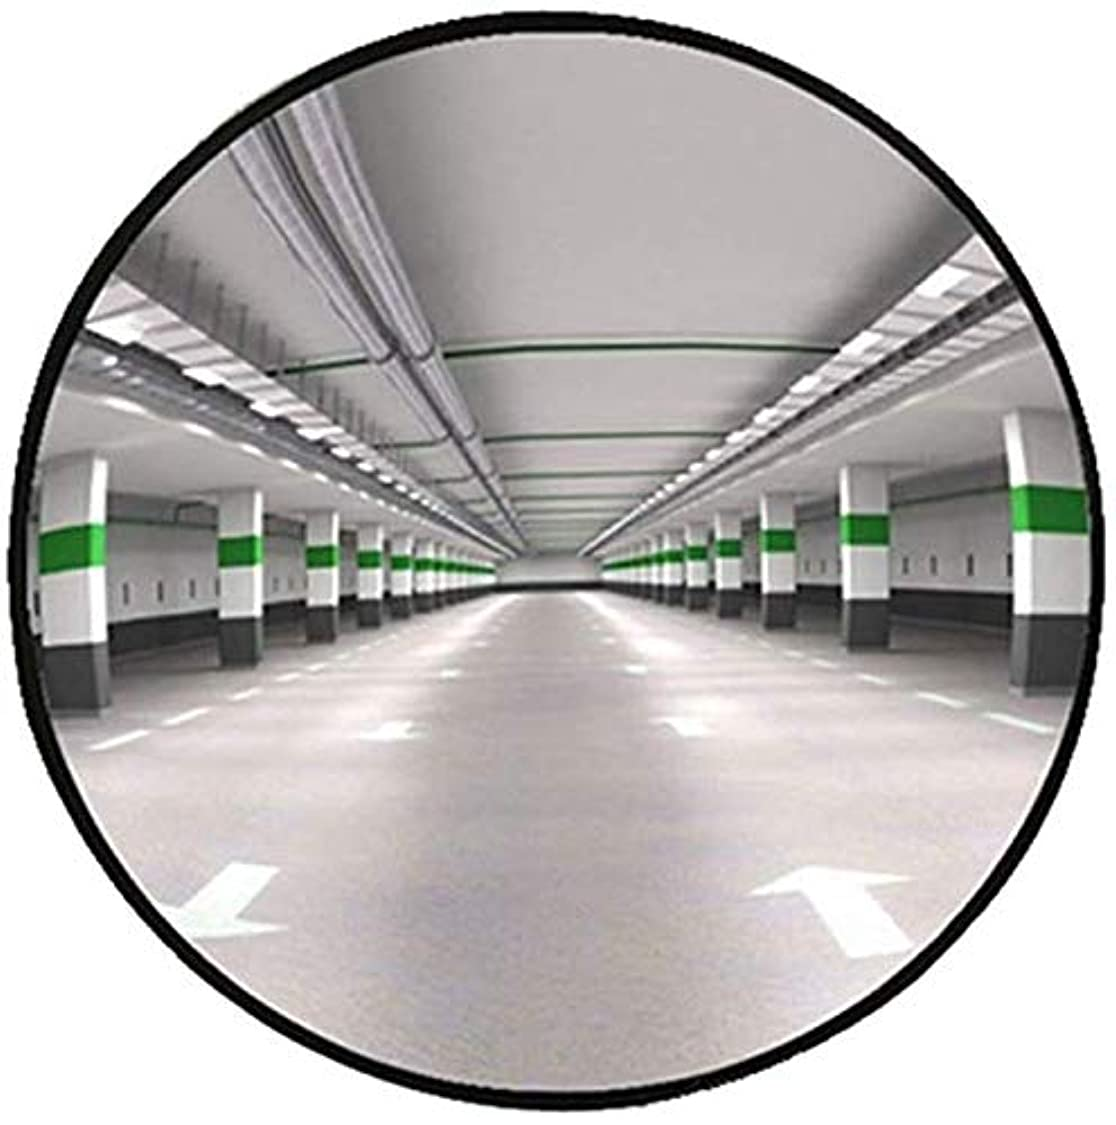 どれスコットランド人ベーシック屋内安全凸面鏡、黒耐久性ターニングミラースーパーマーケットモール盗難防止ミラーサイズ:15CM、21CM、30CM(サイズ:30CM)